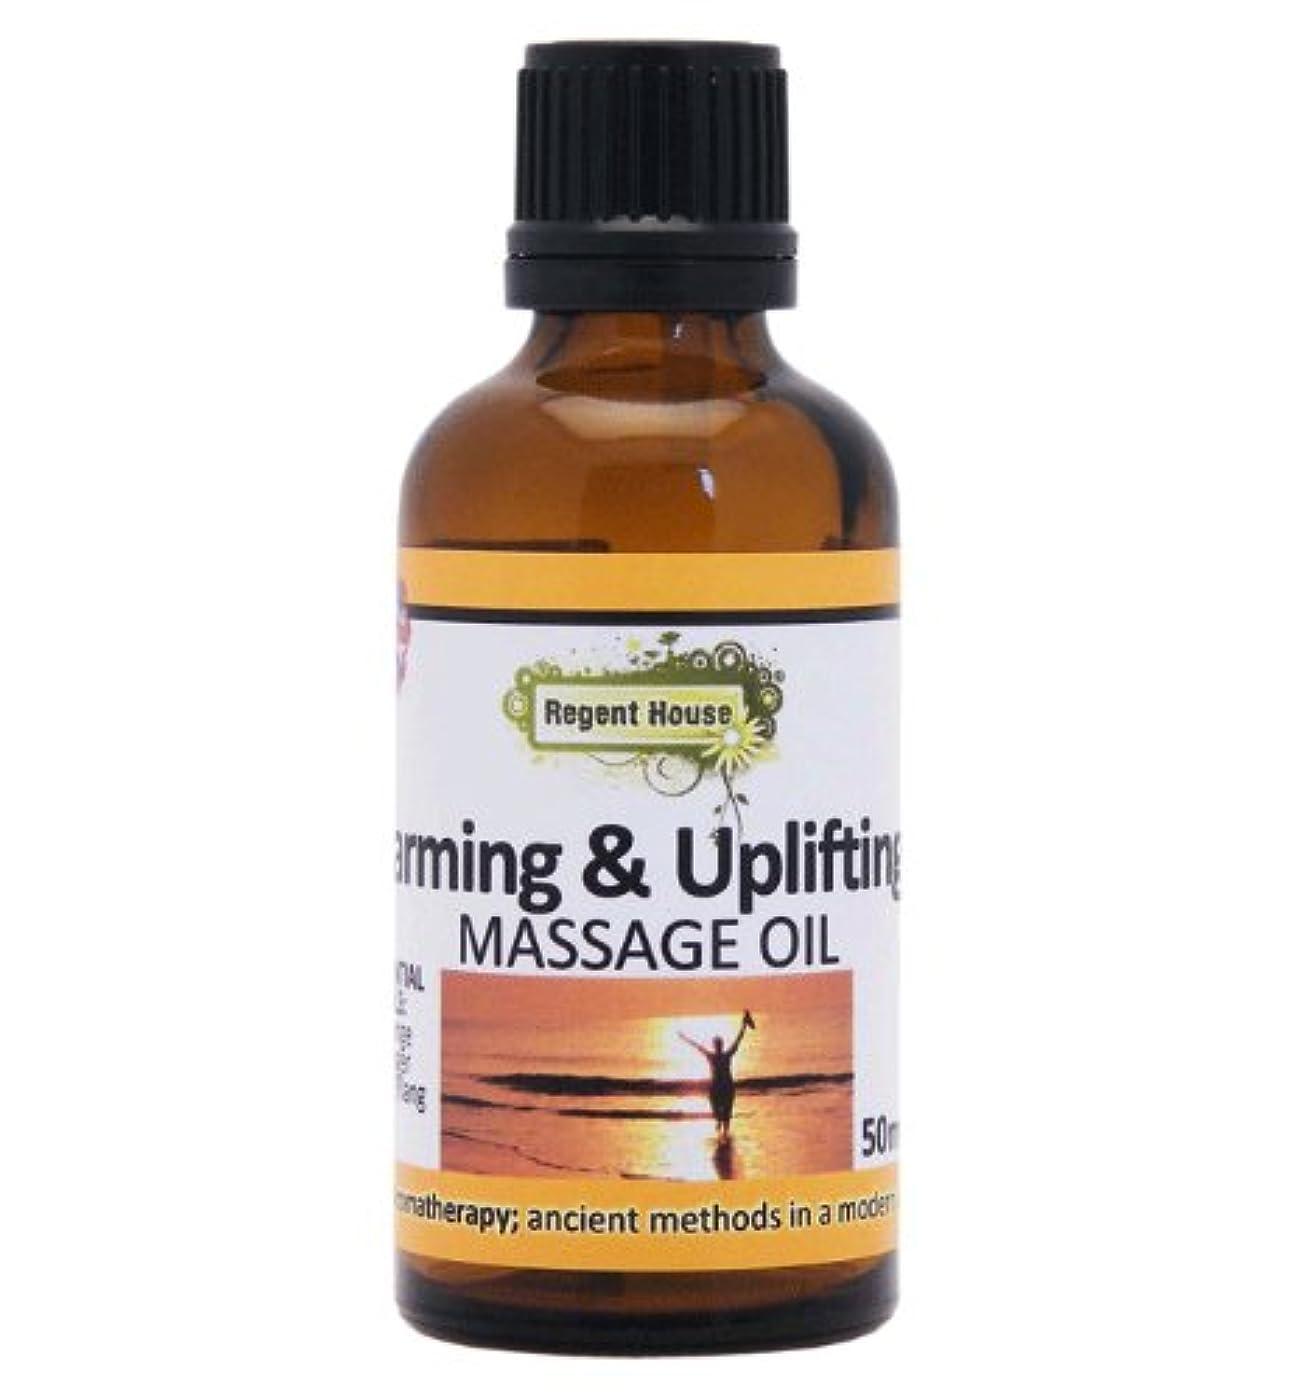 ジョブメタルラインラベルイタリア産の天然オレンジ精油を、たっぷり配合。 アロマ ナチュラル マッサージオイル 50ml ウォーミング&アップリフティング(Aroma Massage Oil Warming & Uplifting)